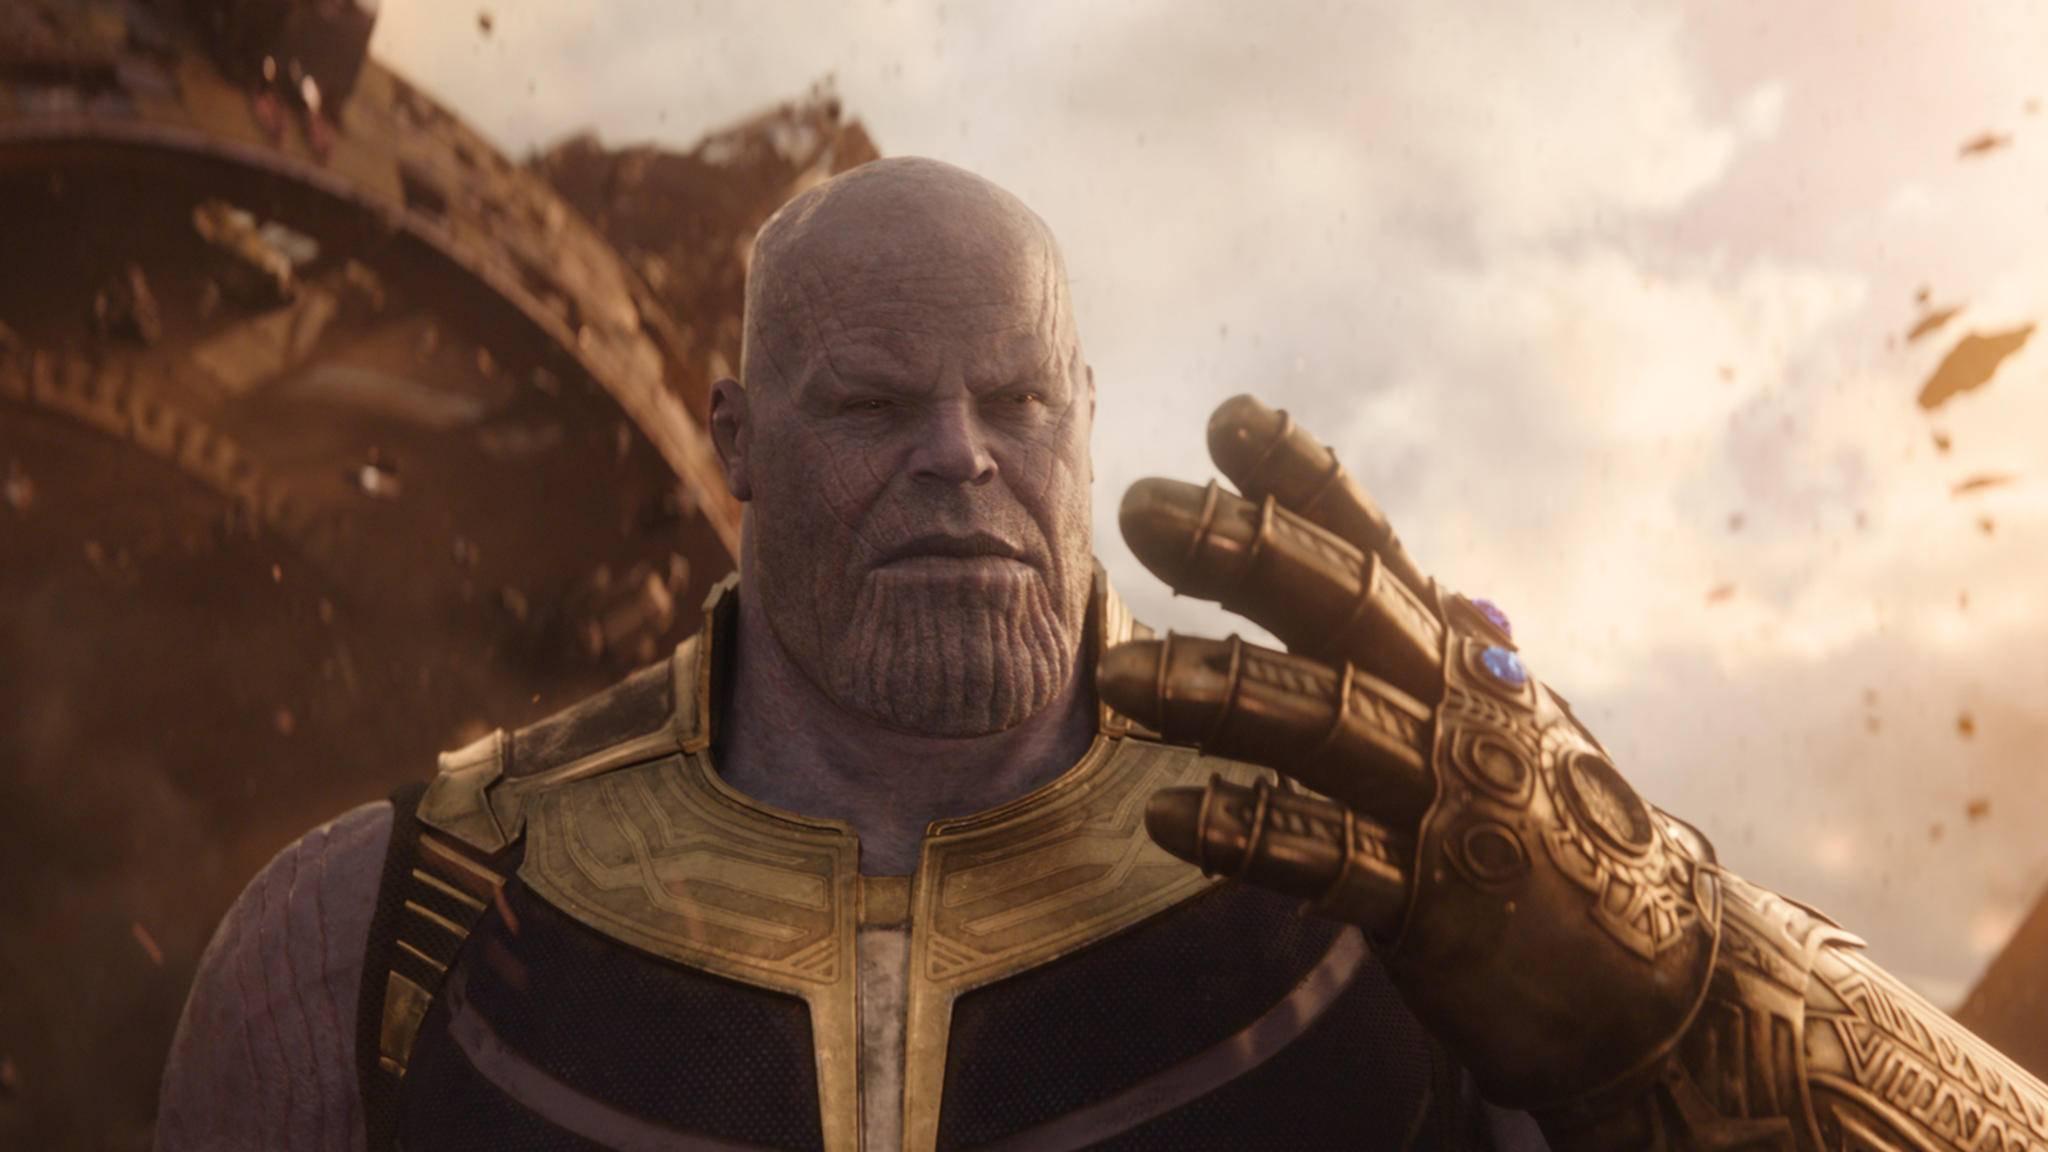 Die Tage sind gezählt: Schon bald zieht Thanos auf der großen Leinwand in den Kampf gegen die vereinten Marvel-Helden.